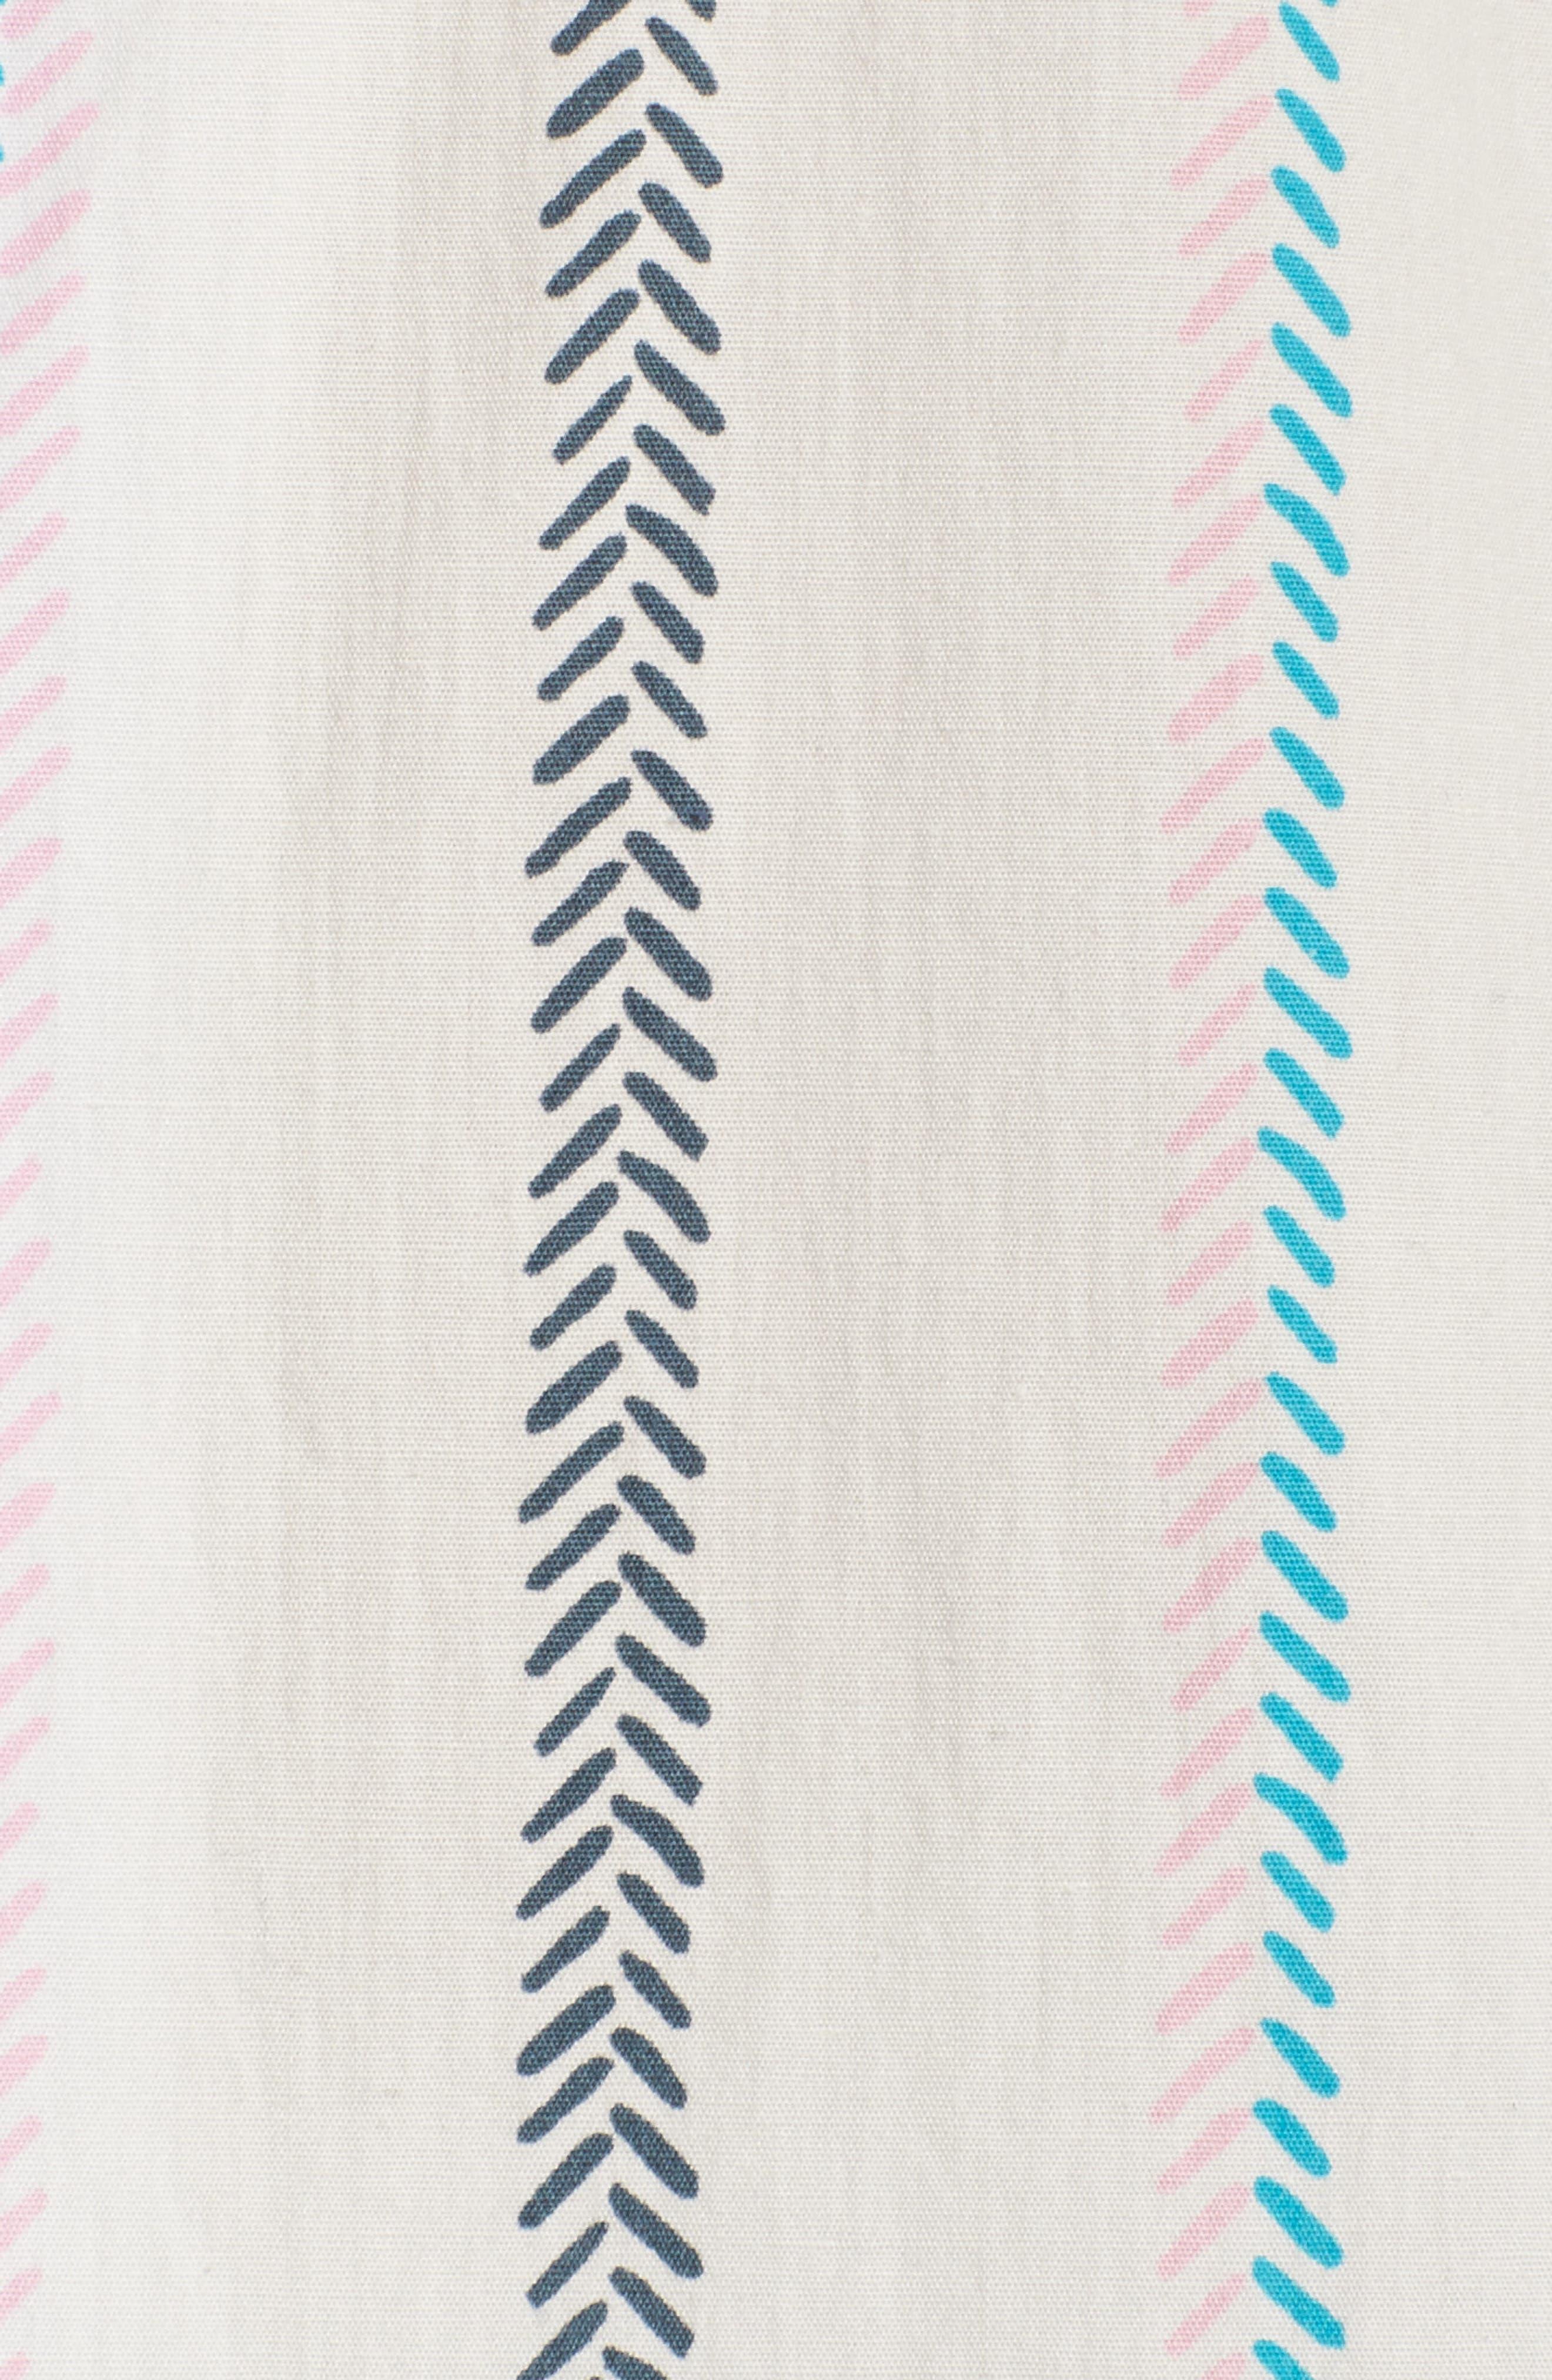 Kit Short Pajamas,                             Alternate thumbnail 5, color,